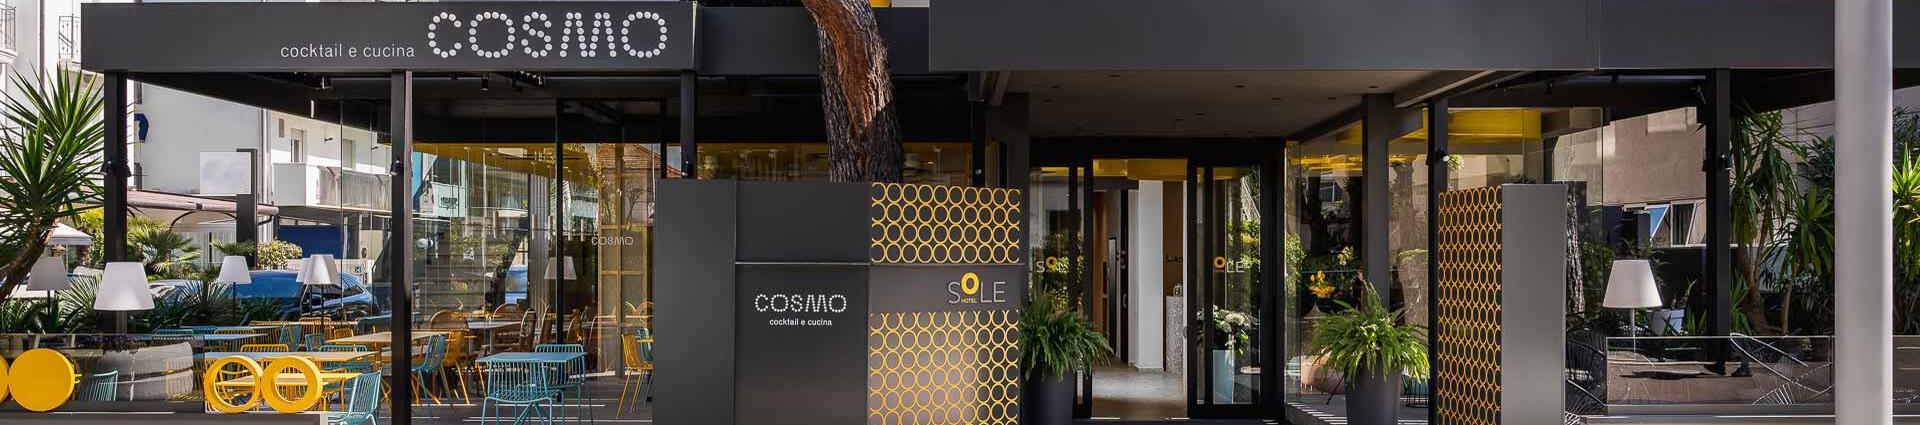 hotelsole it hotel 008